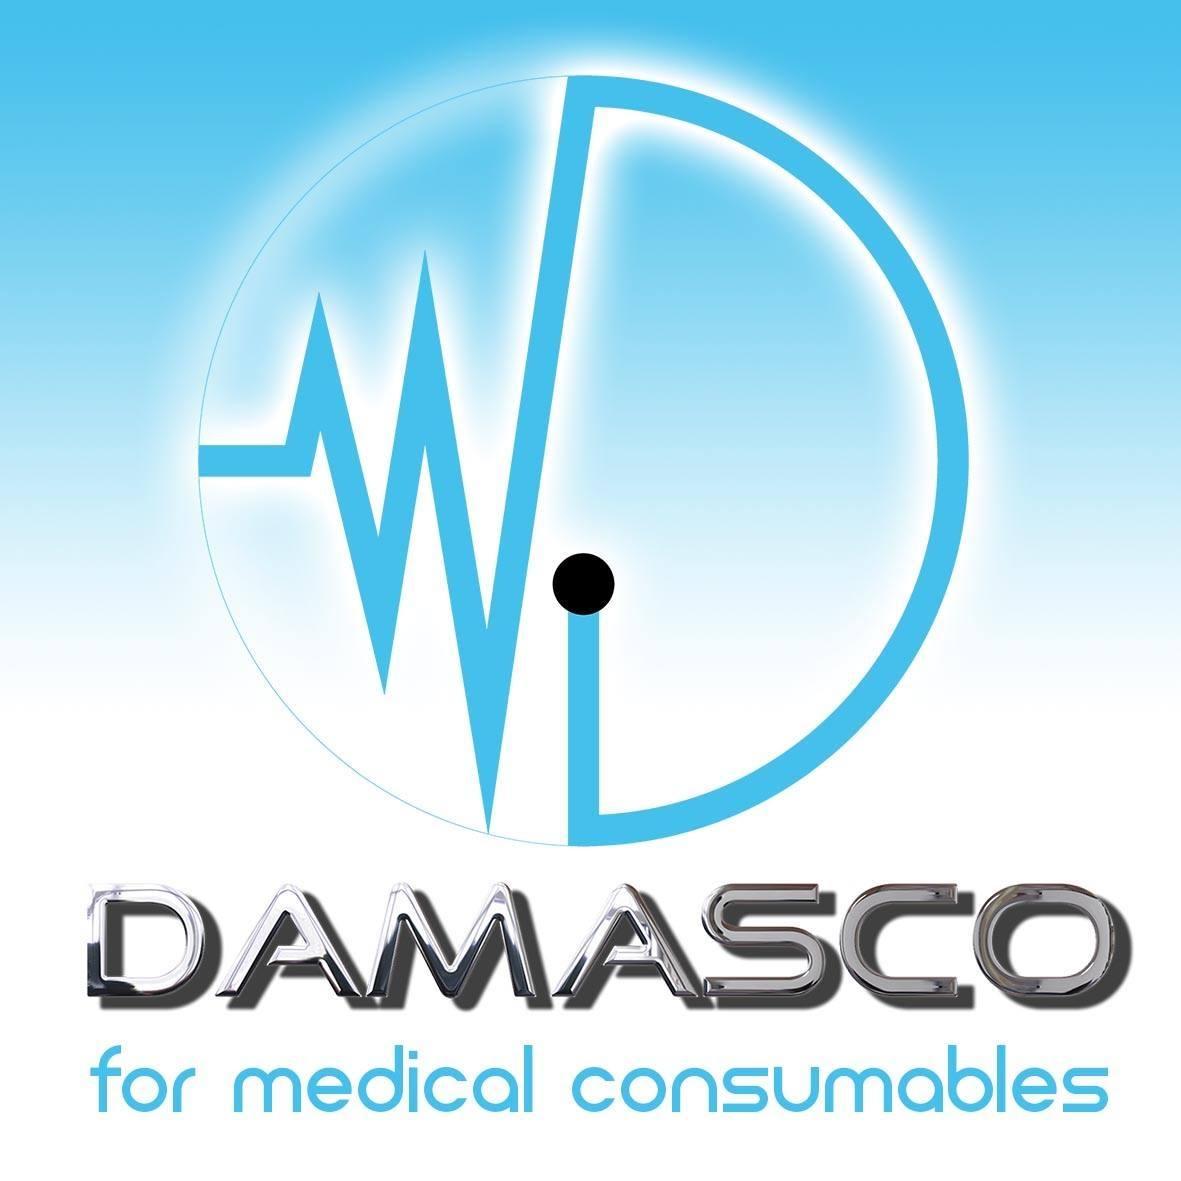 شركة داماسكو للأجهزة الطبية Damasco Medical